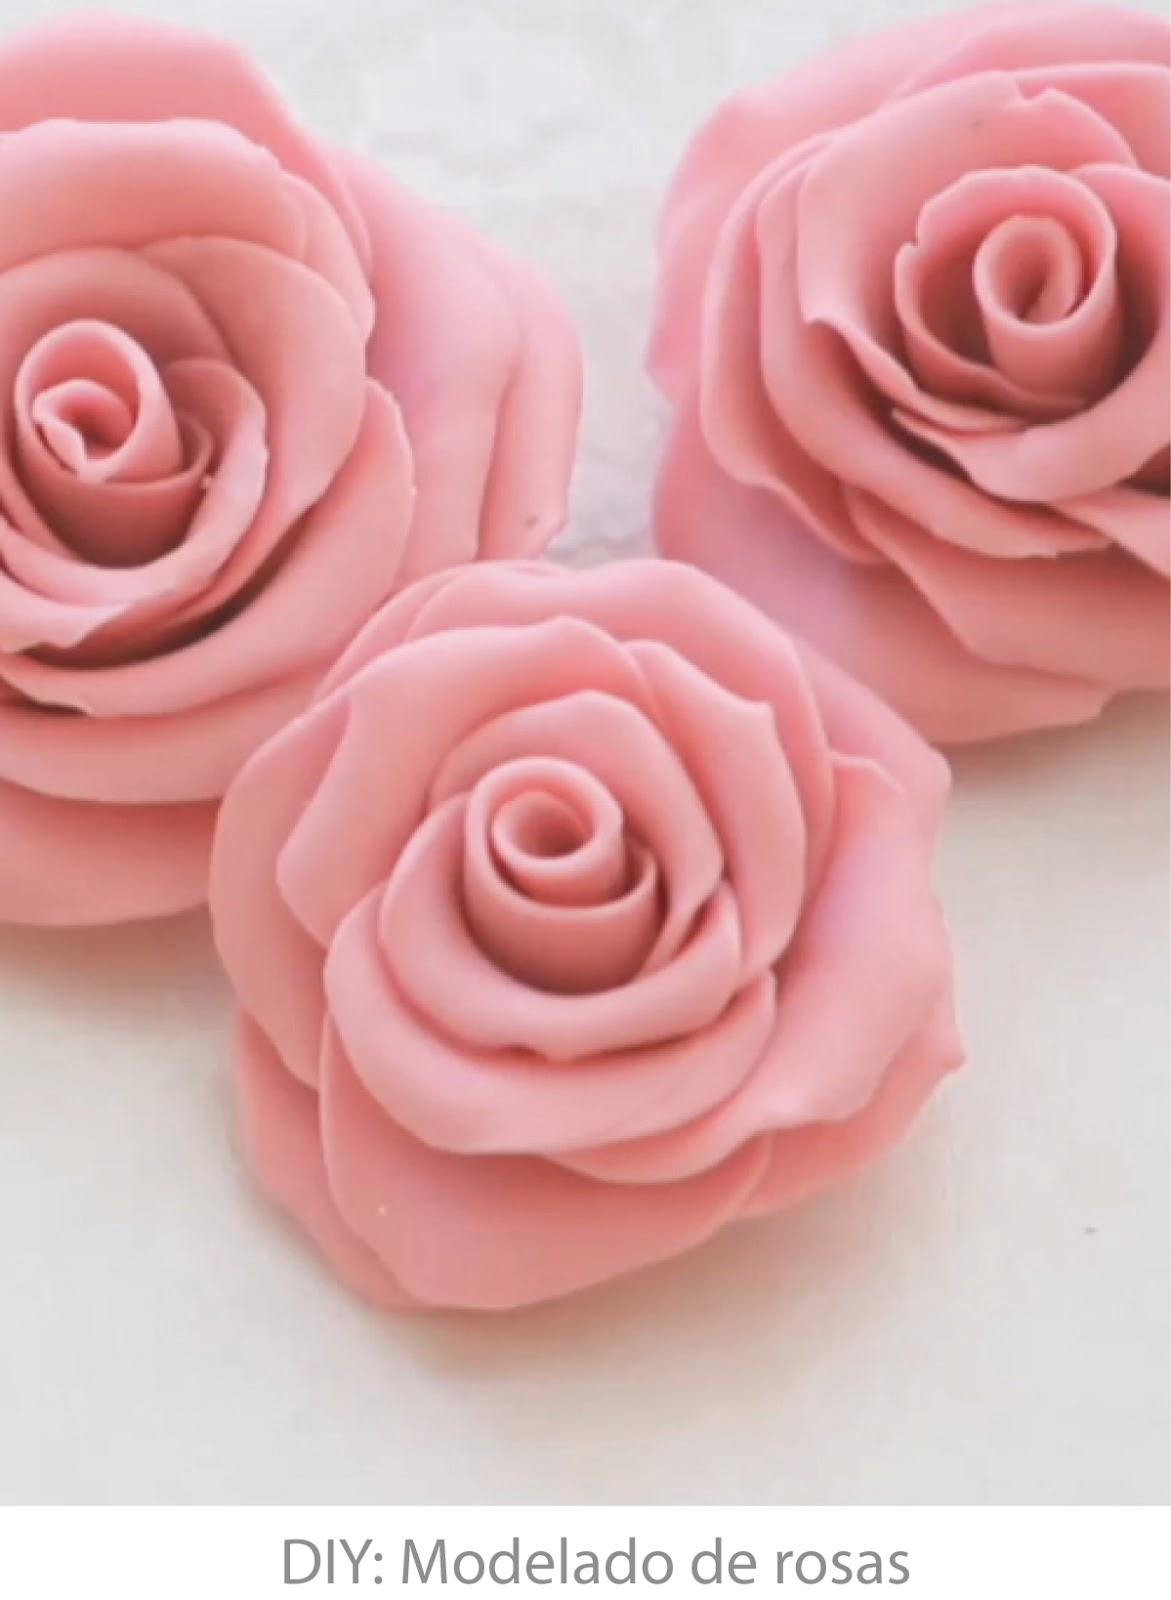 http://easychicmanualidades.blogspot.com.es/2013/10/modelado-de-rosas-para-fondant.html